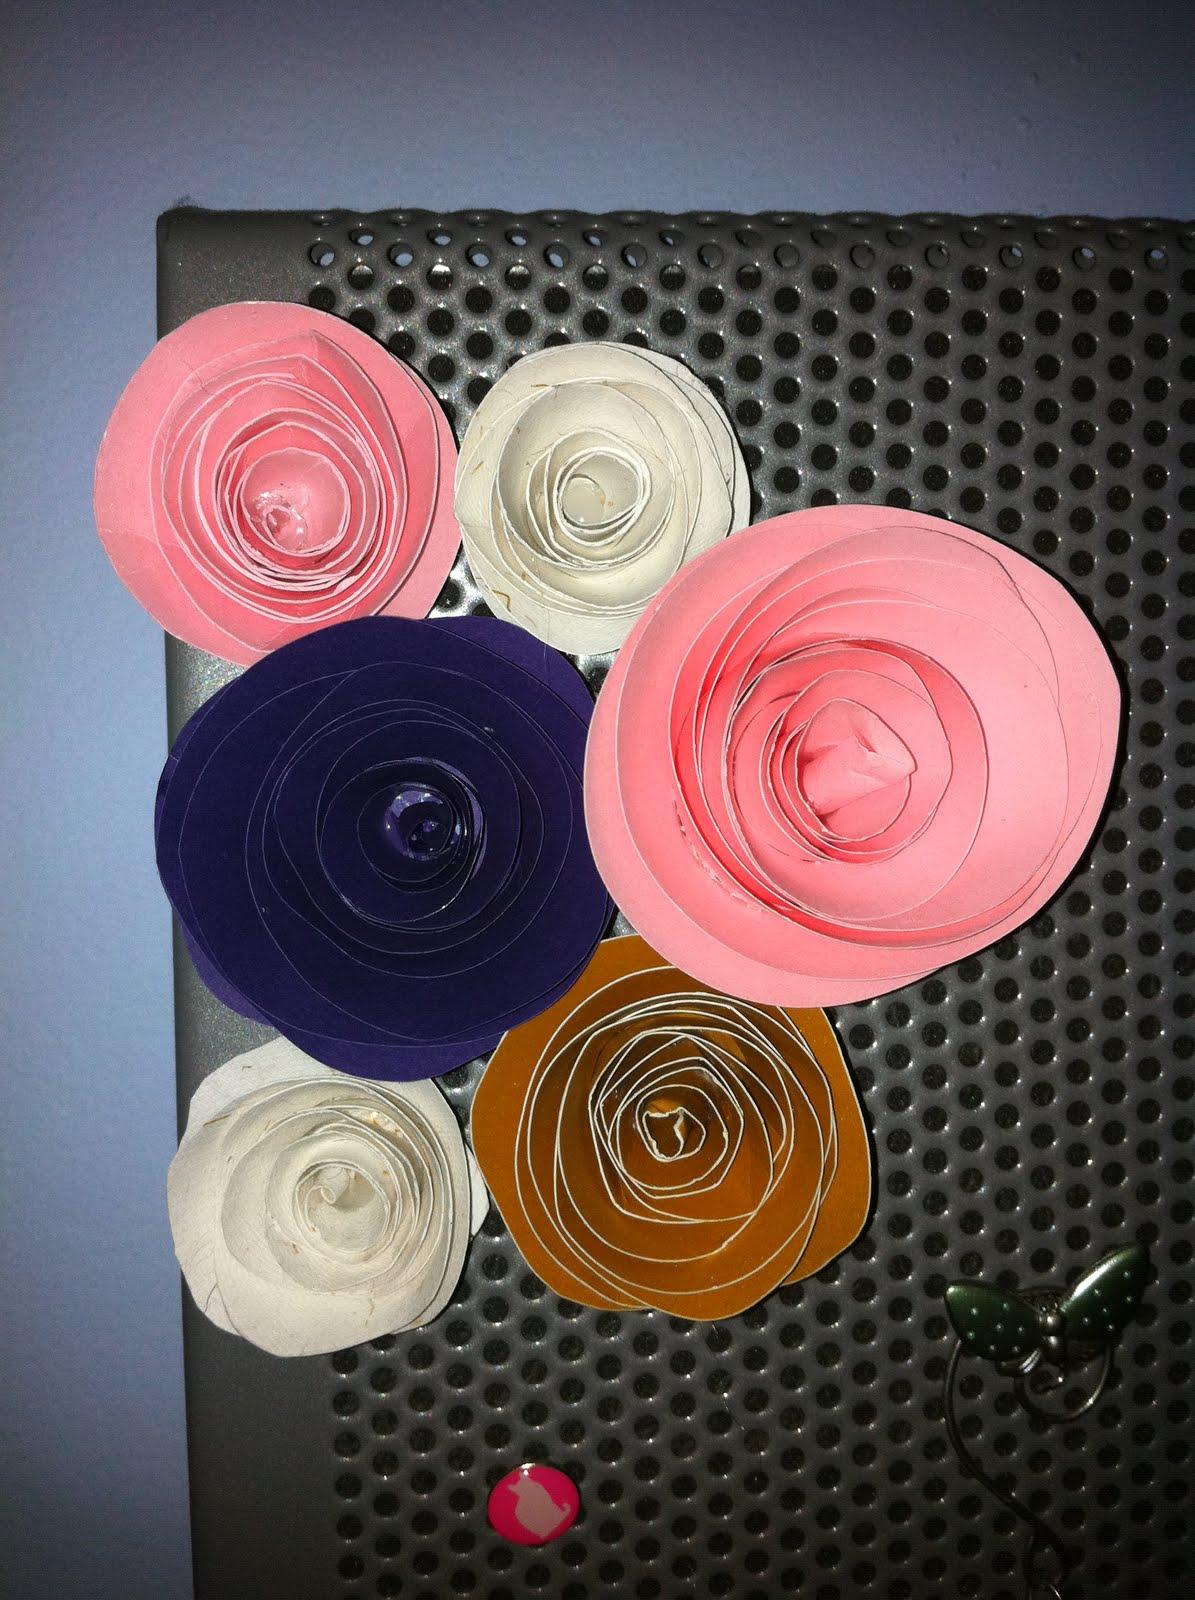 Stargazun Designs Spiral Paper Flowers Magnets Tutorial